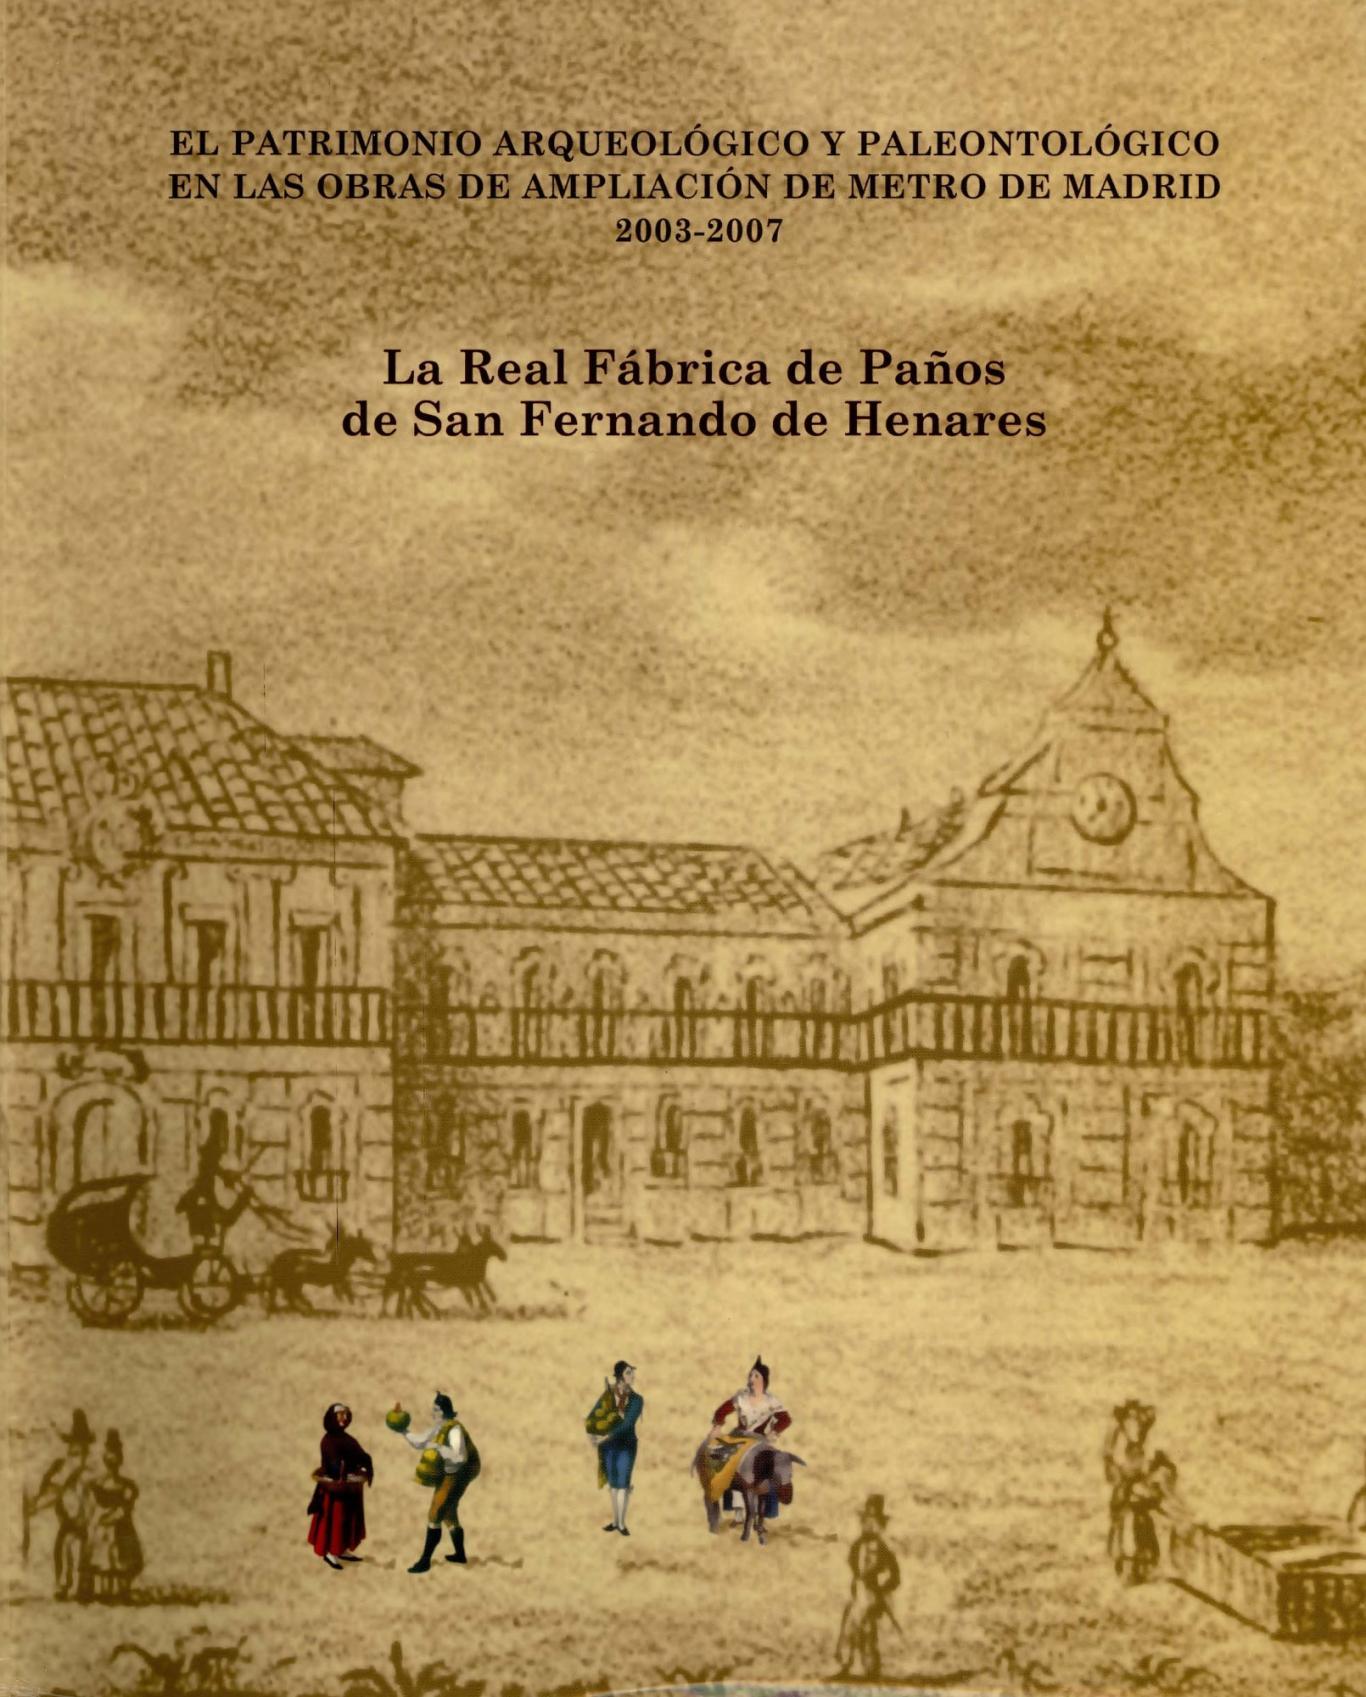 Portada del libro La Real Fábrica de San Fernando de Henares